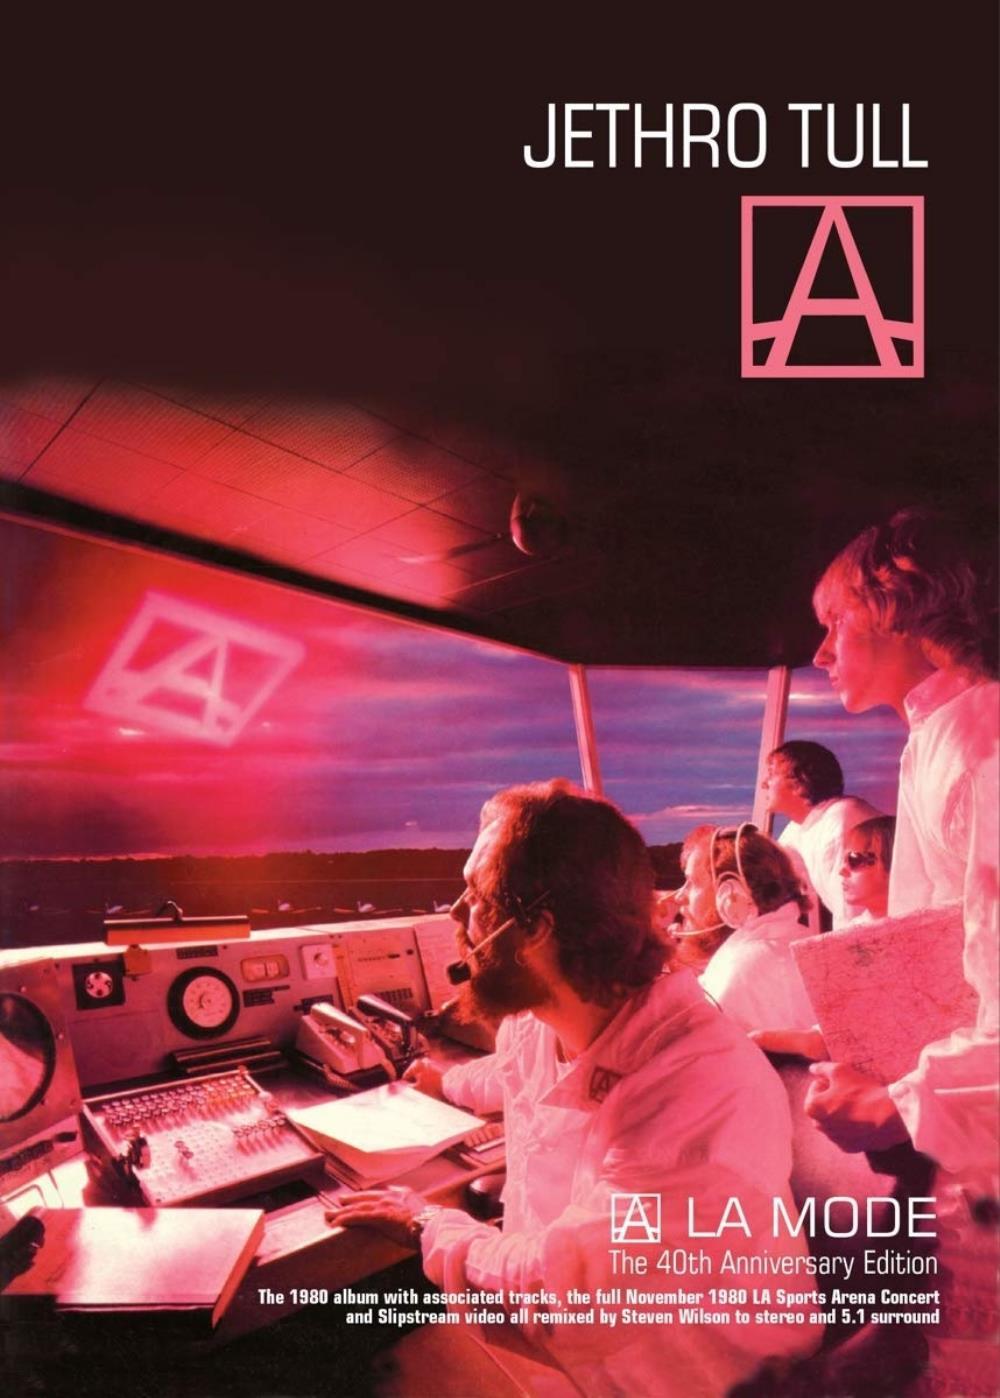 A (La Mode) - The 40th Anniversary Edition by JETHRO TULL album cover